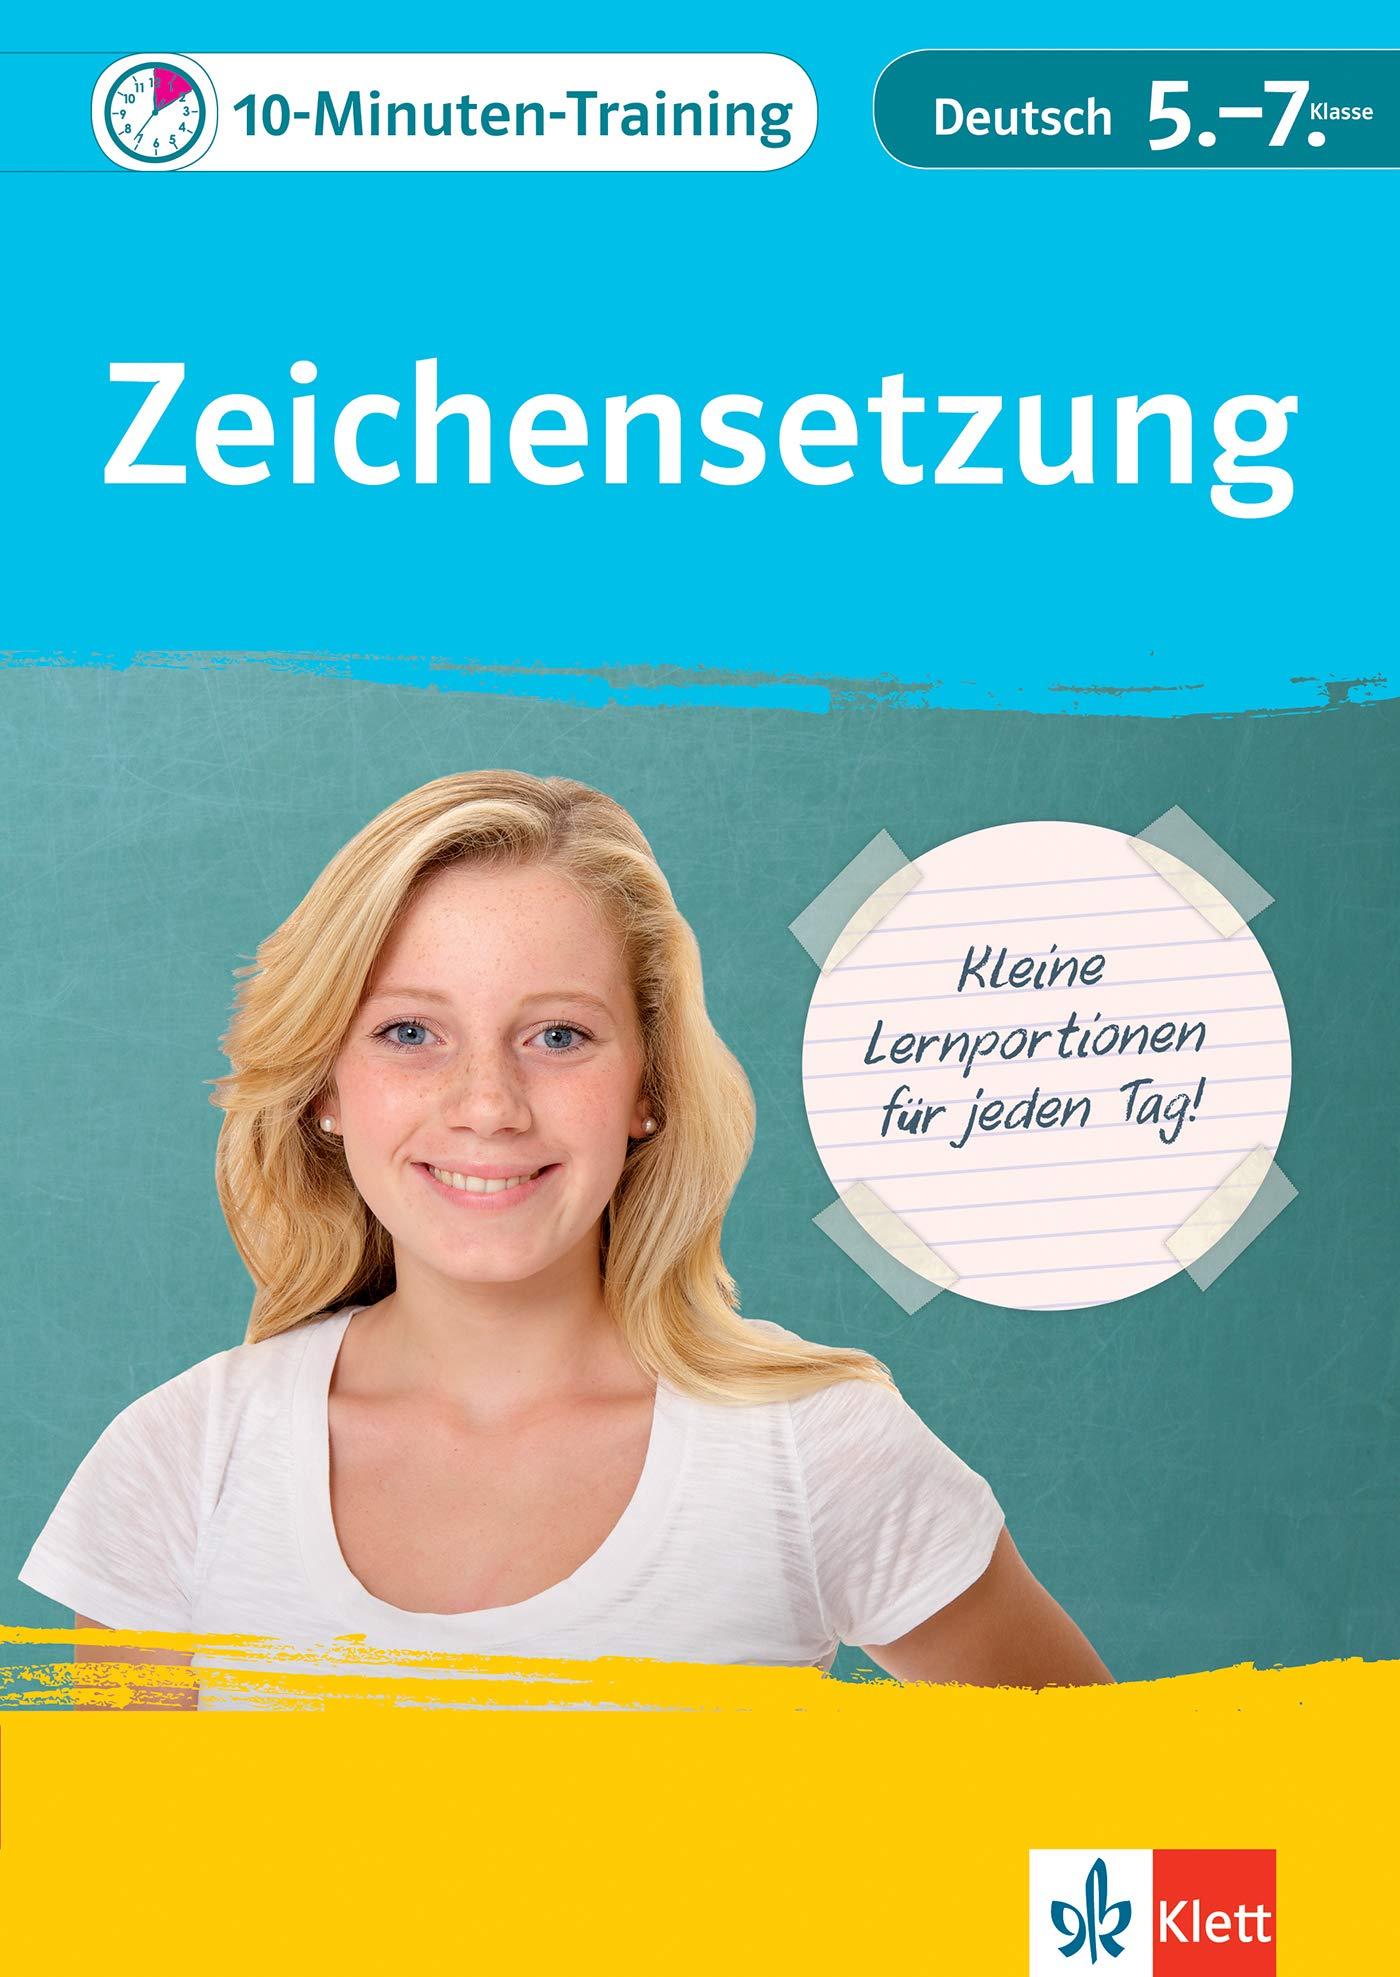 Klett 10 Minuten Training Deutsch Rechtschreibung Zeichensetzung 5. 7. Klasse  Kleine Lernportionen Für Jeden Tag